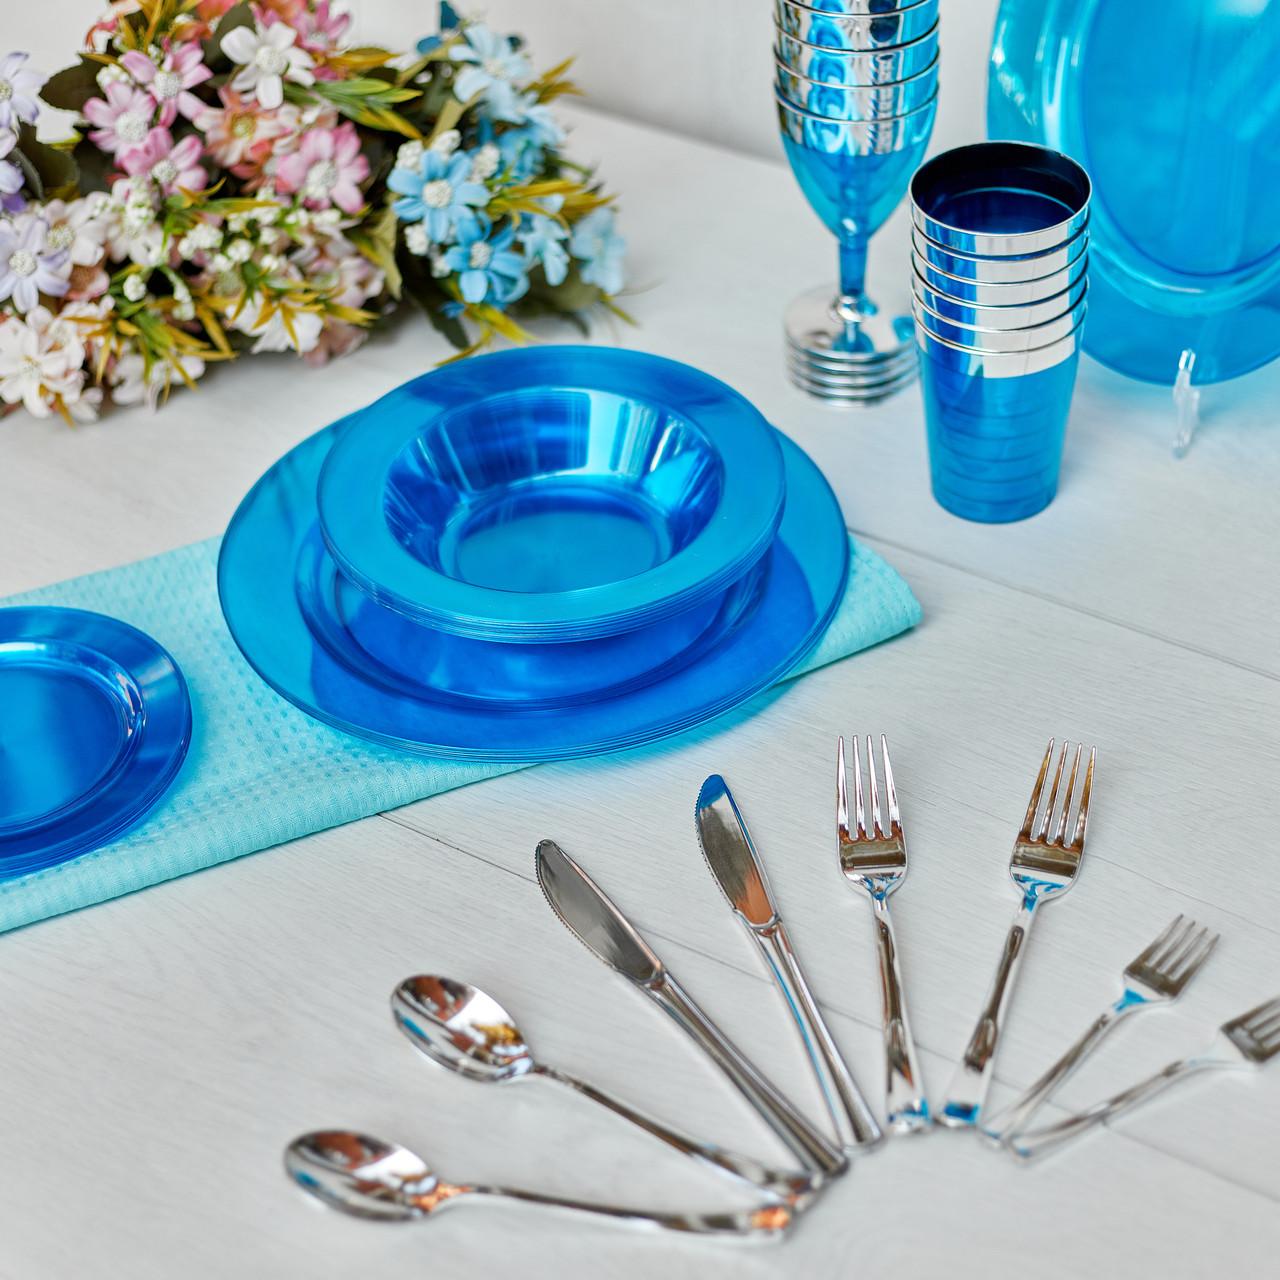 Вилки десертные стекловидные негнущиеся  для корпоротива, event. Полная сервировка стола. CFP 24 шт 130 мм